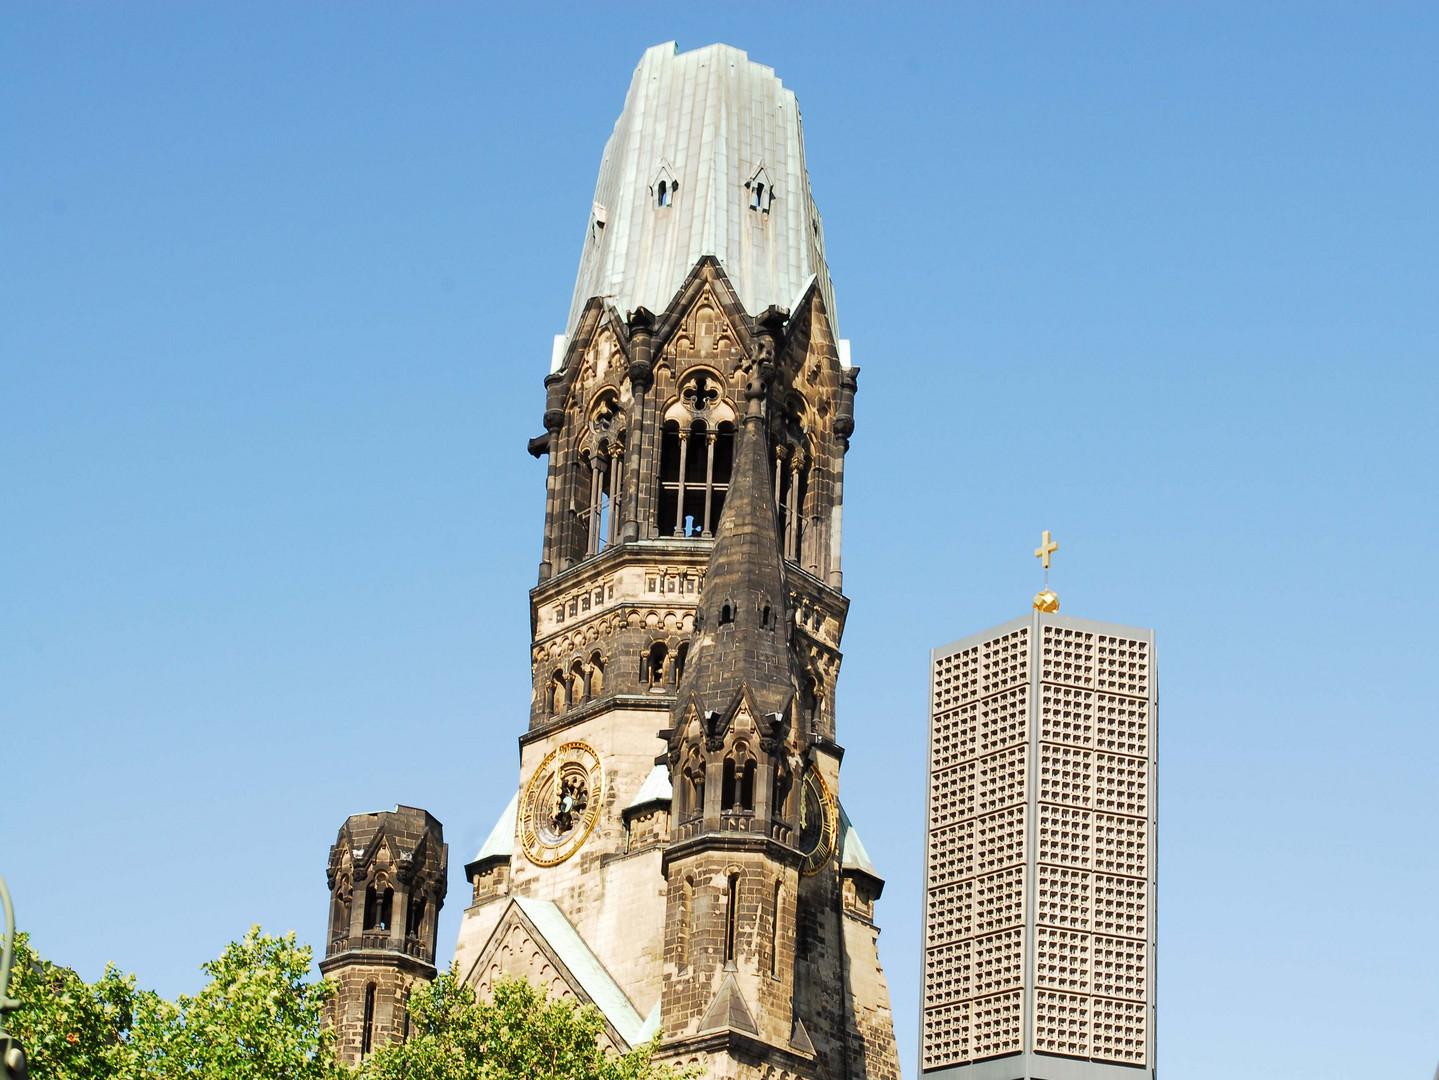 Der alte Turm der Kaiser-Wilhelm-Gedächtnis-Kirche in Berlin